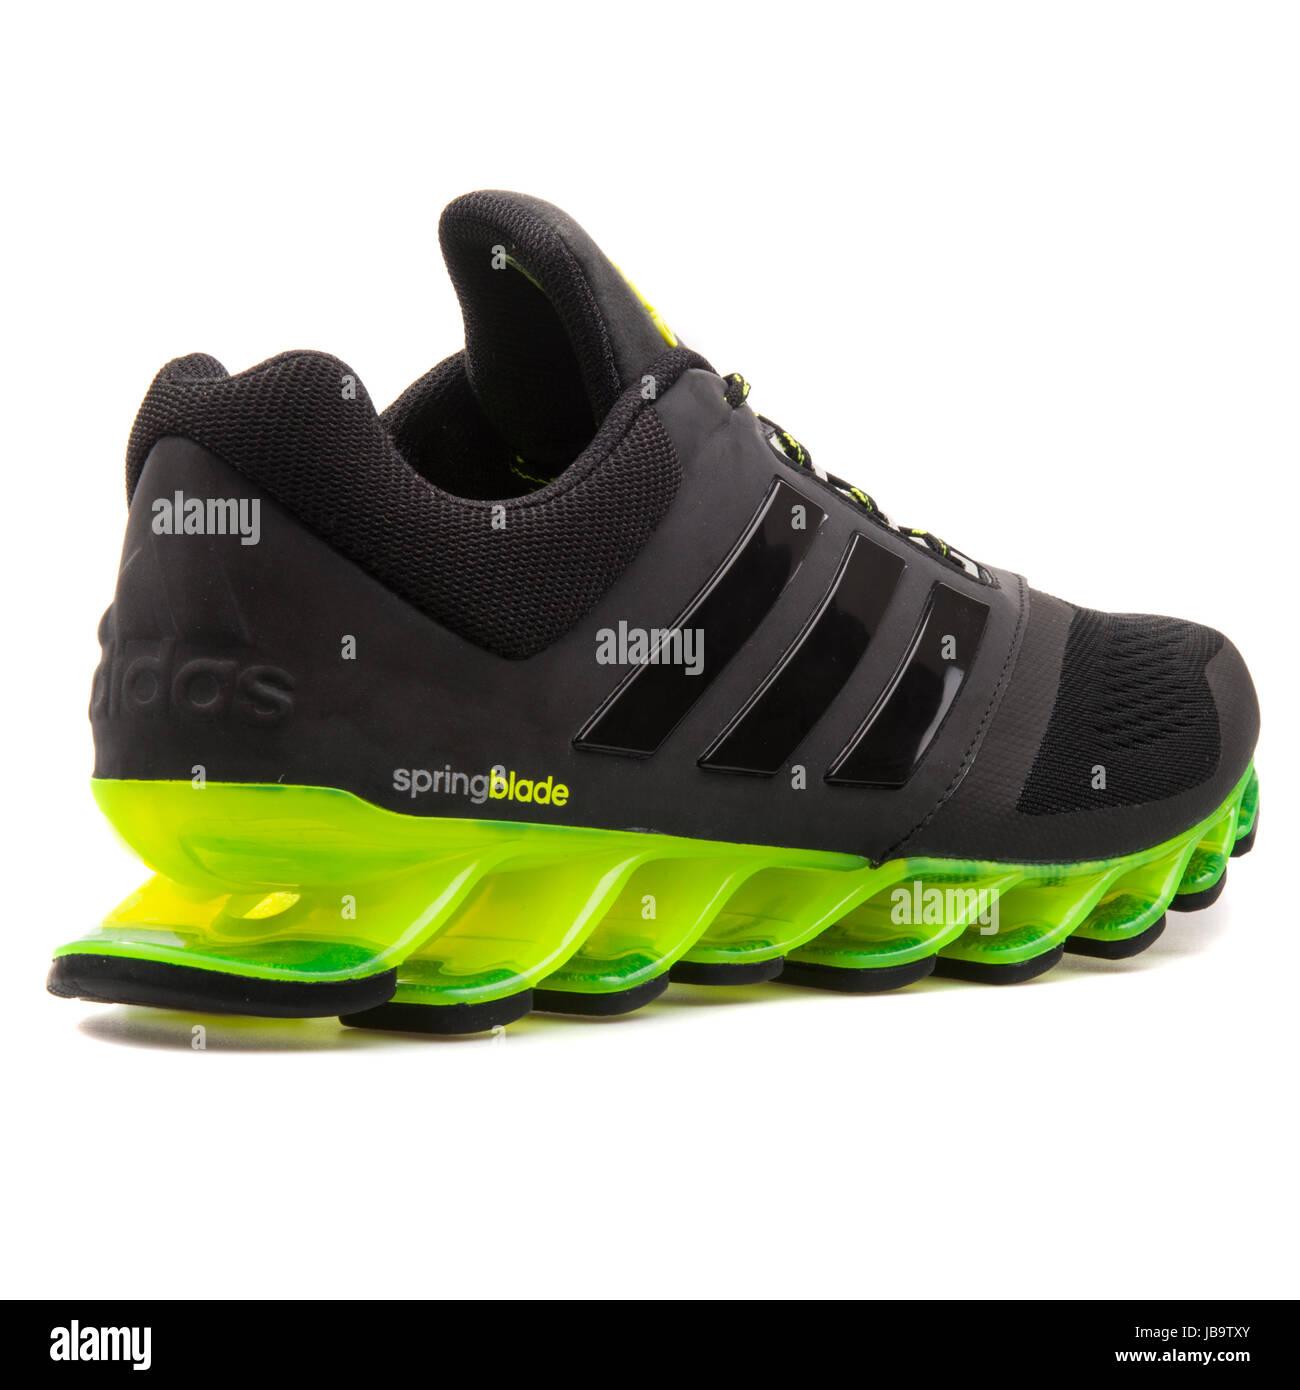 Adidas Springblade fahren 2 m schwarz und grün Herren